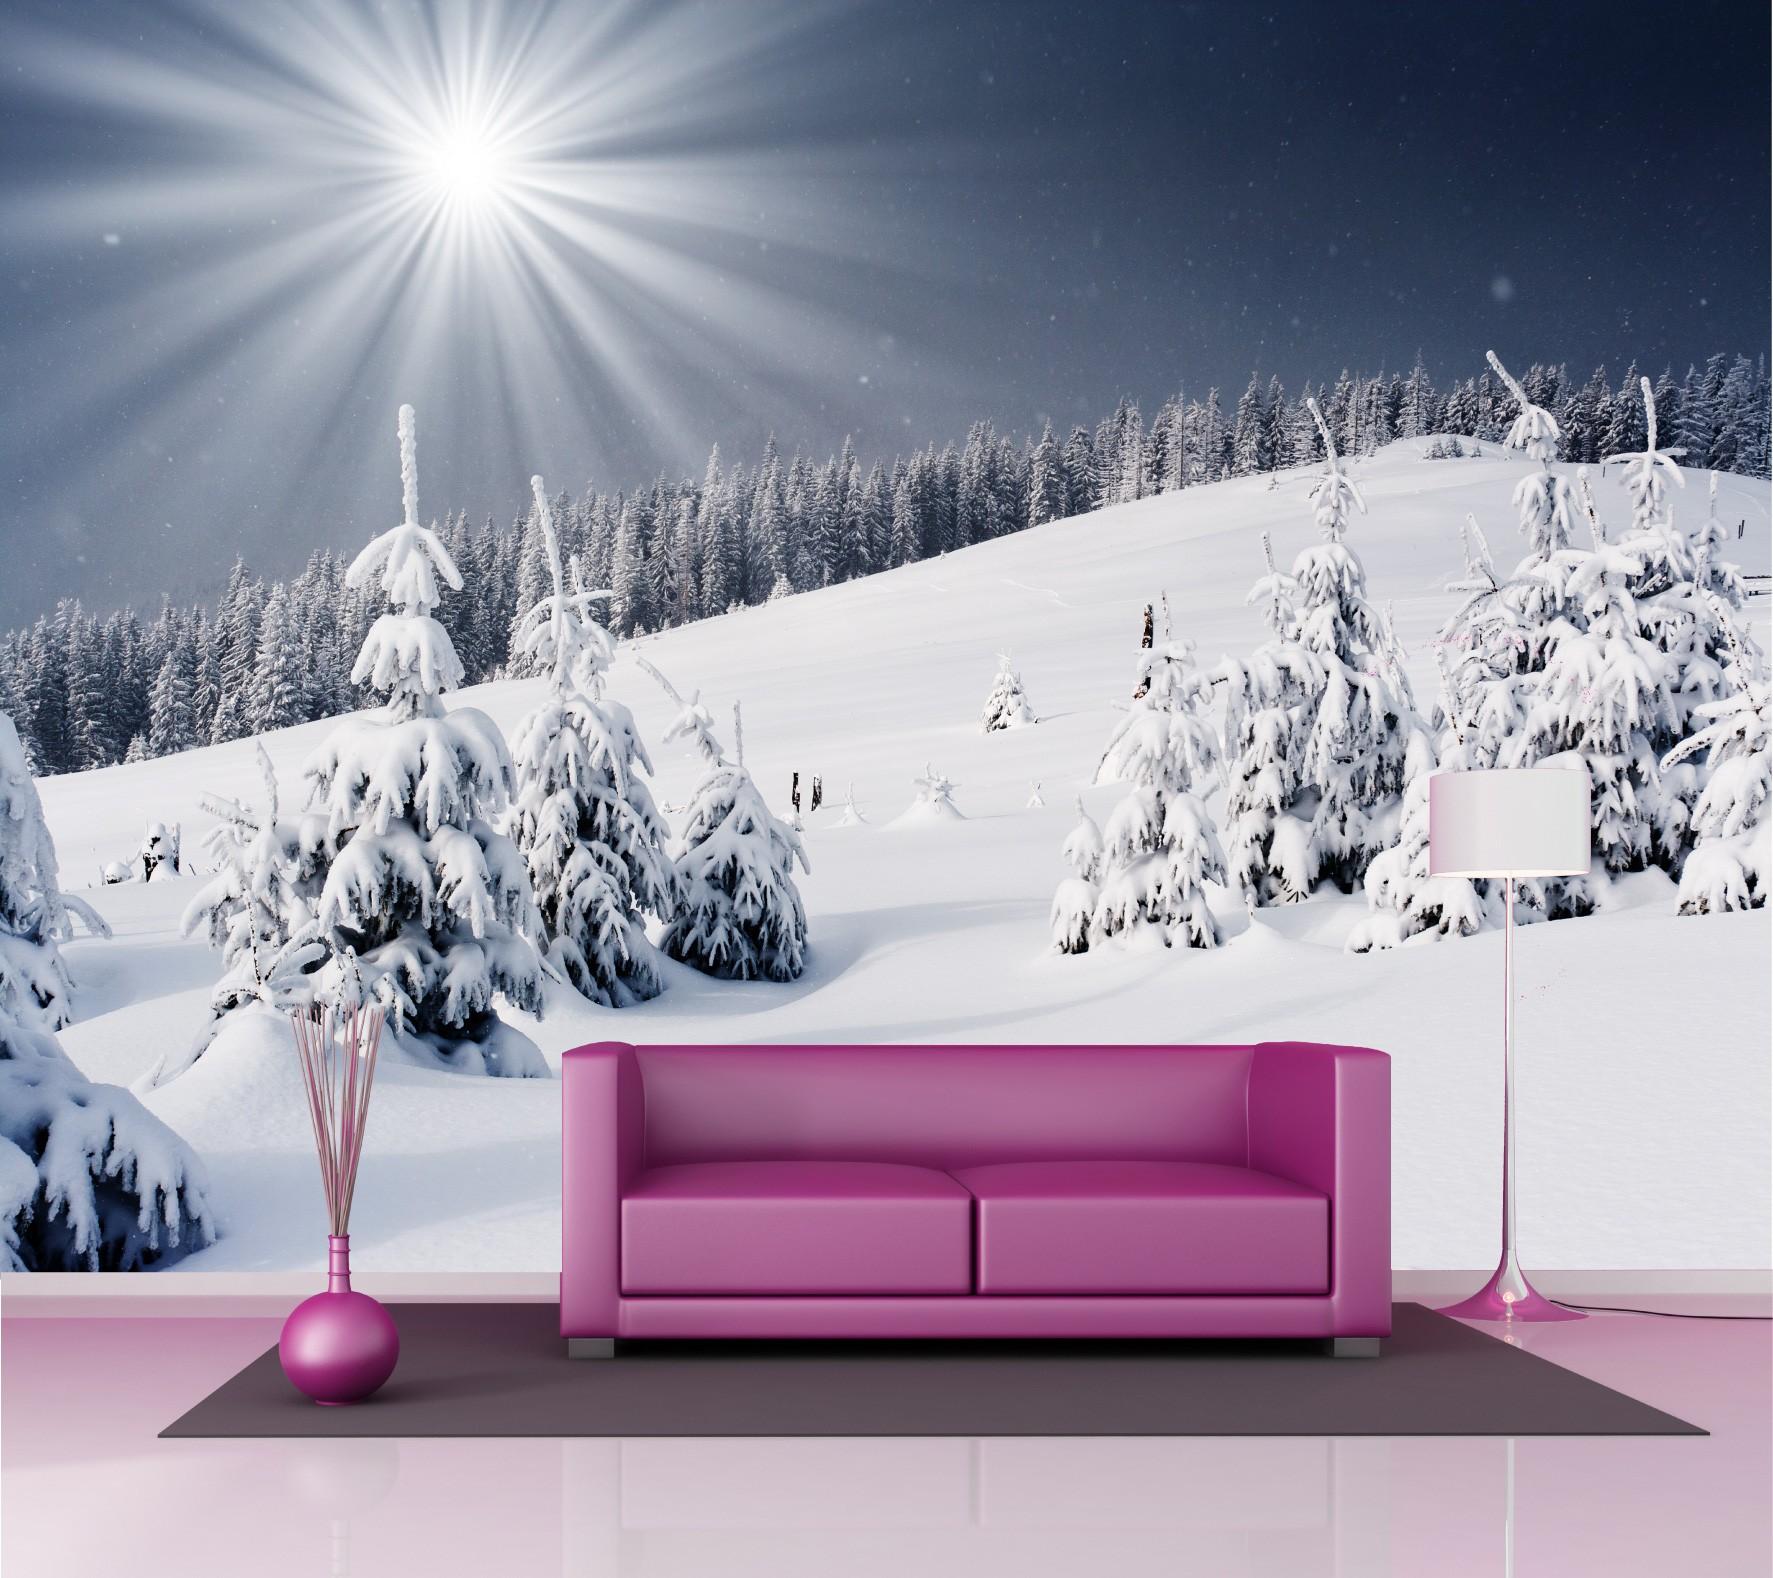 sticker mural g ant. Black Bedroom Furniture Sets. Home Design Ideas